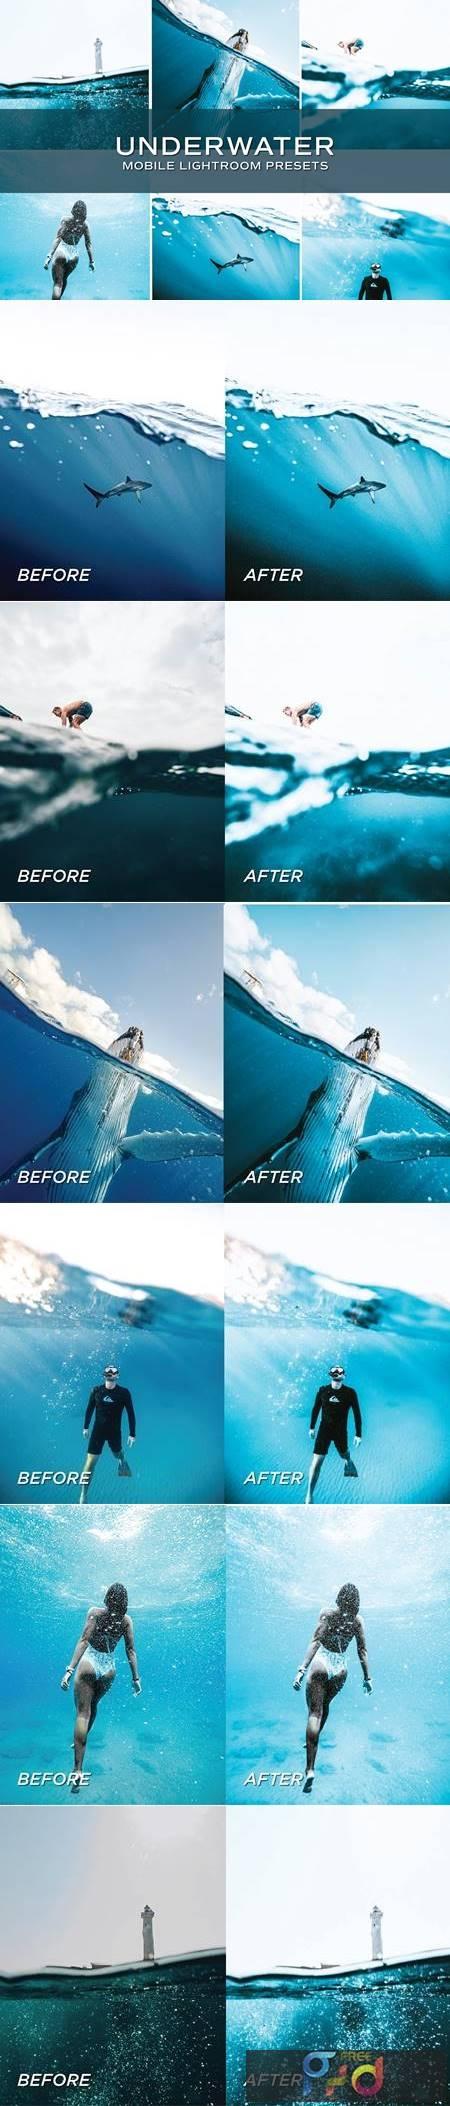 5 Underwater Lightroom Presets 5699142 1